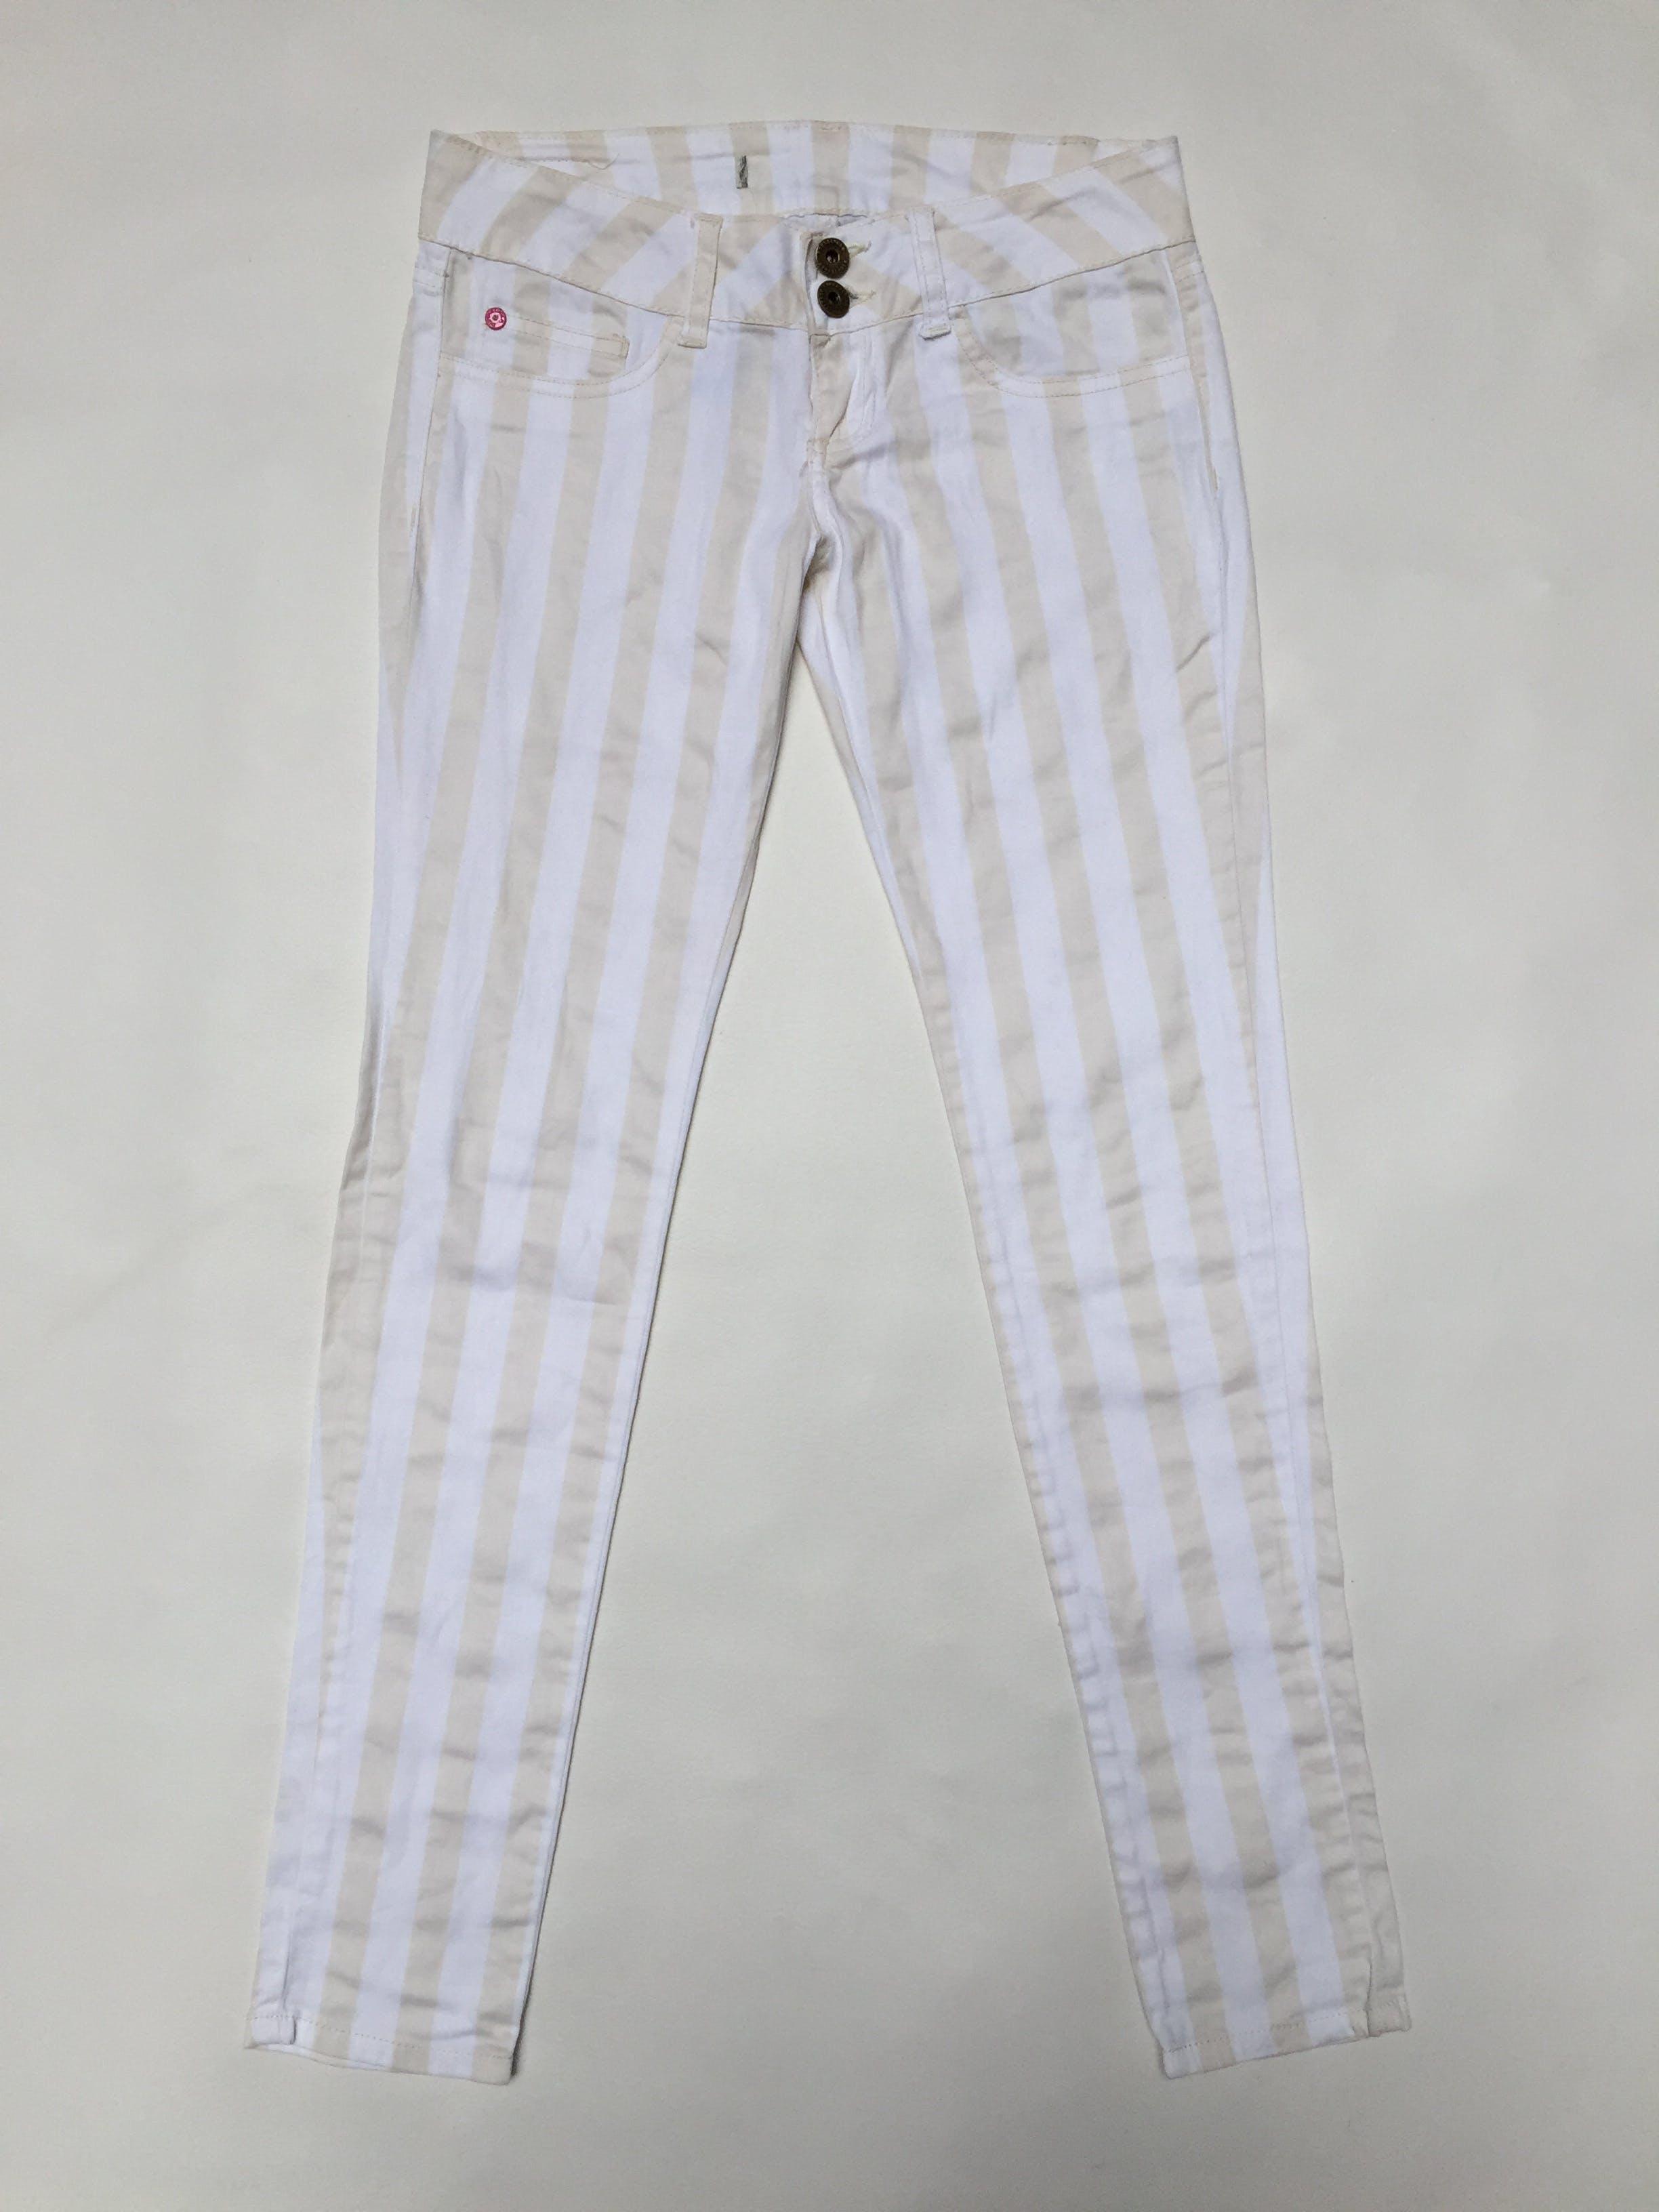 pantalon-Dunkelvolk-imagen